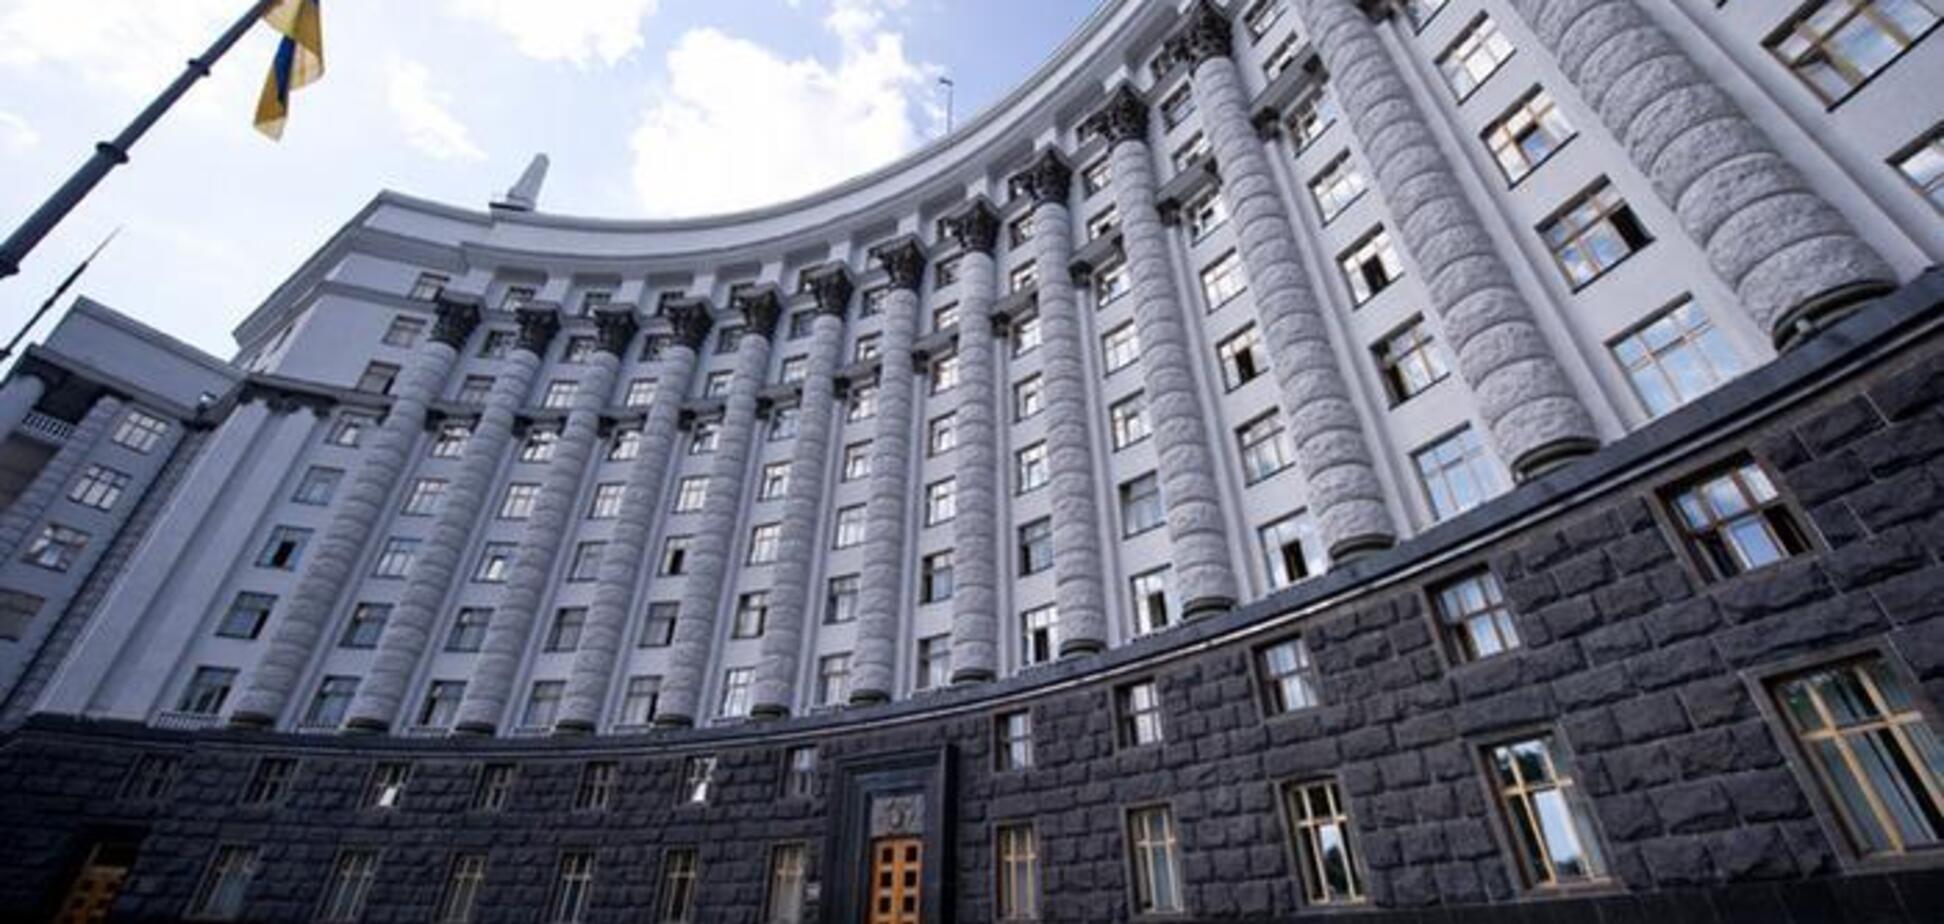 Кабінет Міністрів написав Верховній Раді перехідний законопроєкт про НАБУ, який ніяк не регулює проблему з неконституційністю